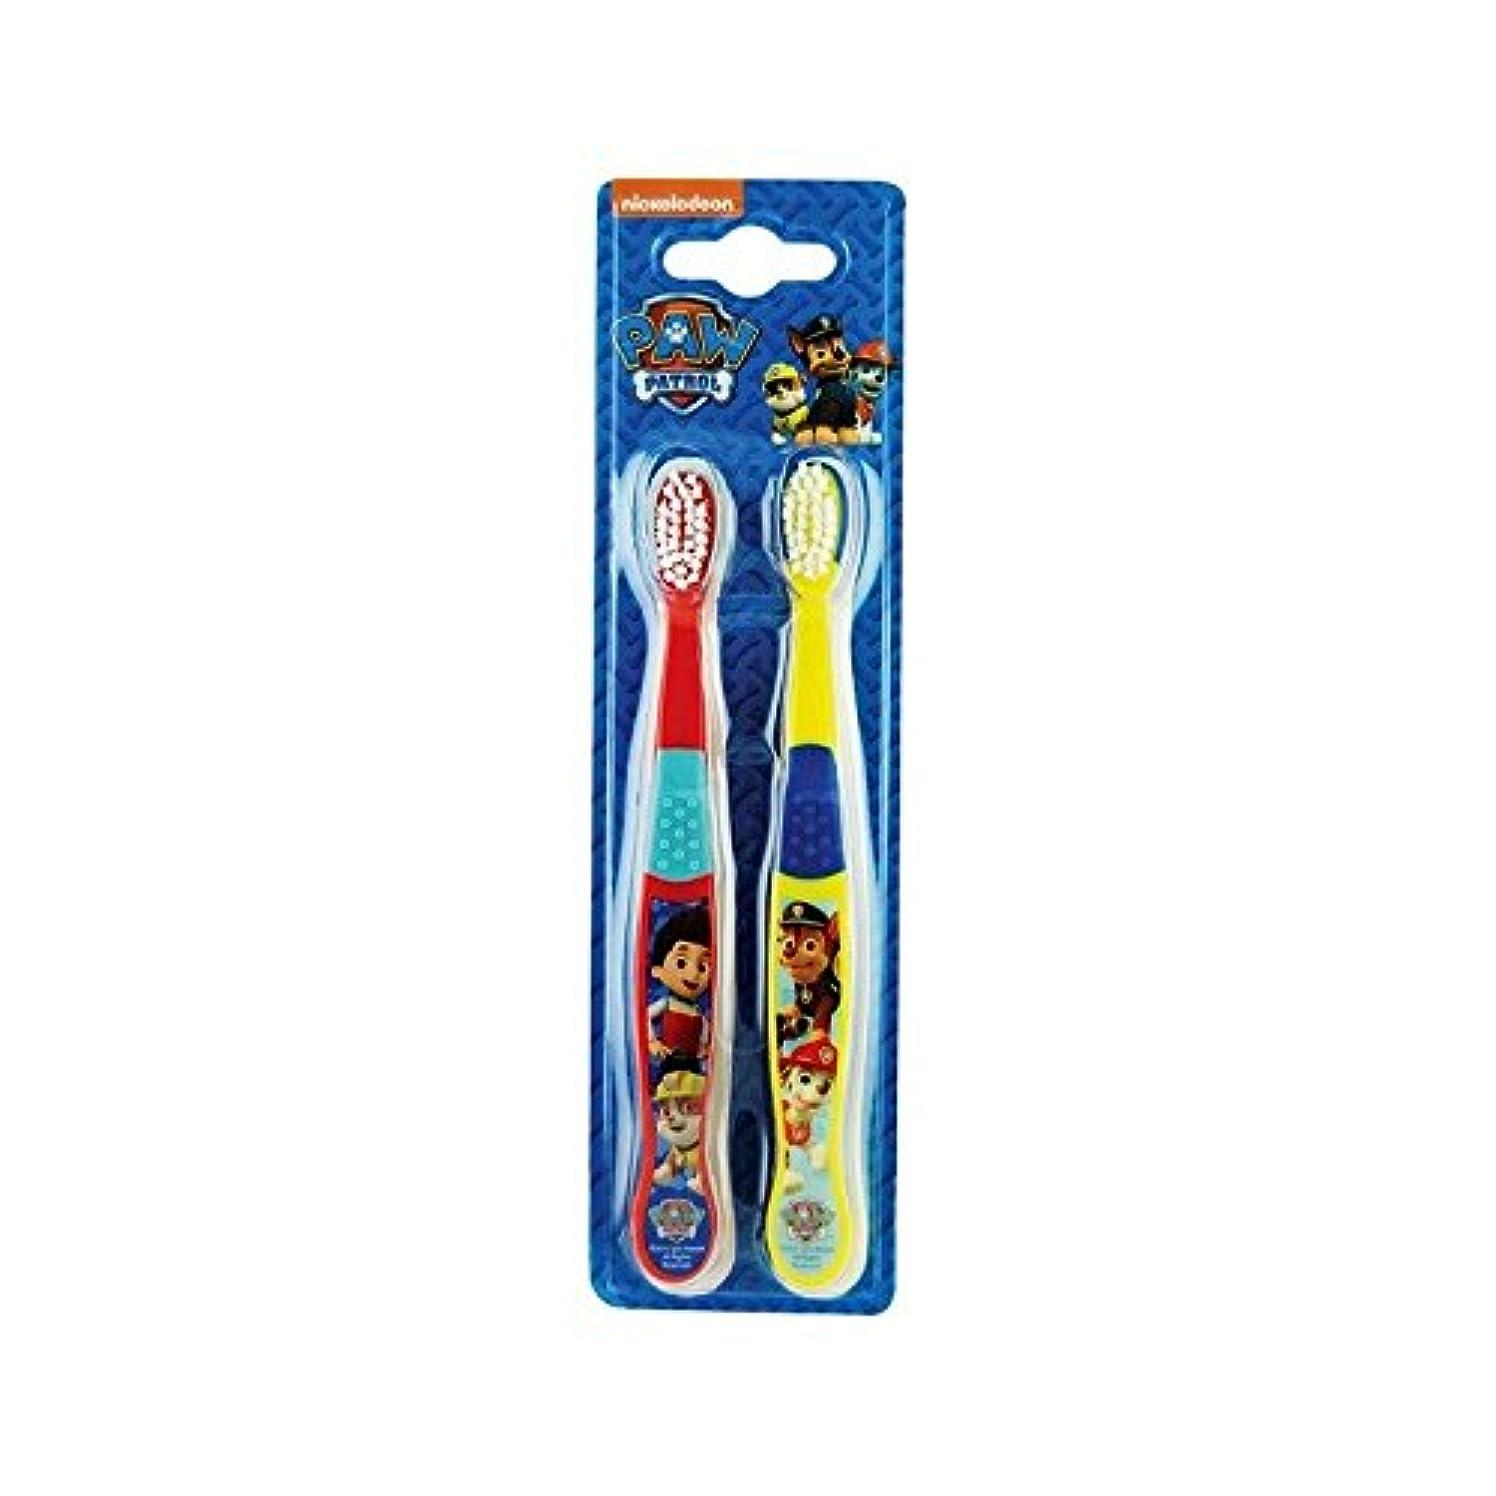 下品メイエラ国内の1パックツイン歯ブラシ2 (Paw Patrol) (x 4) - Paw Patrol Twin Toothbrush 2 per pack (Pack of 4) [並行輸入品]